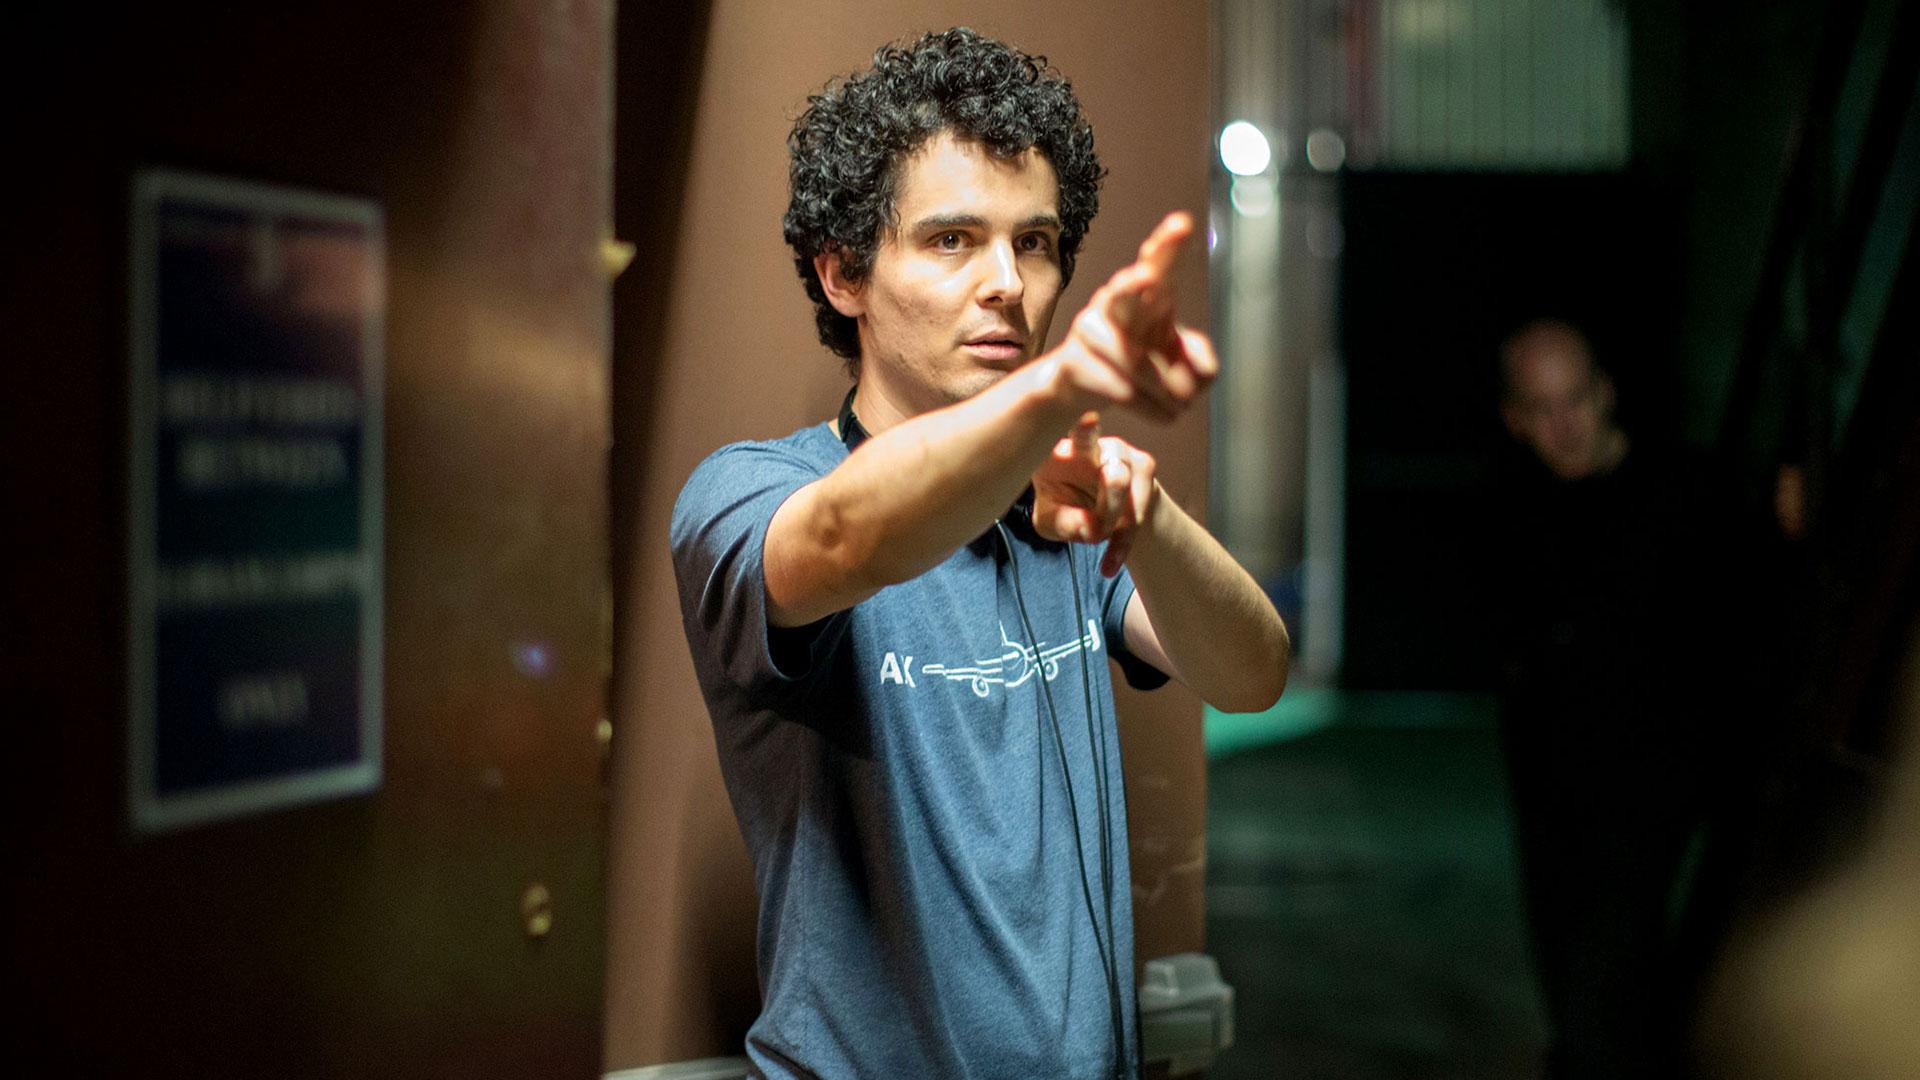 """Esel segundo proyecto televisivo en el que se involucra Chazelle, puesto que el pasado septiembre anunció que desarrollará junto a la plataforma digital Netflix la serie musical """"The Eddy"""""""